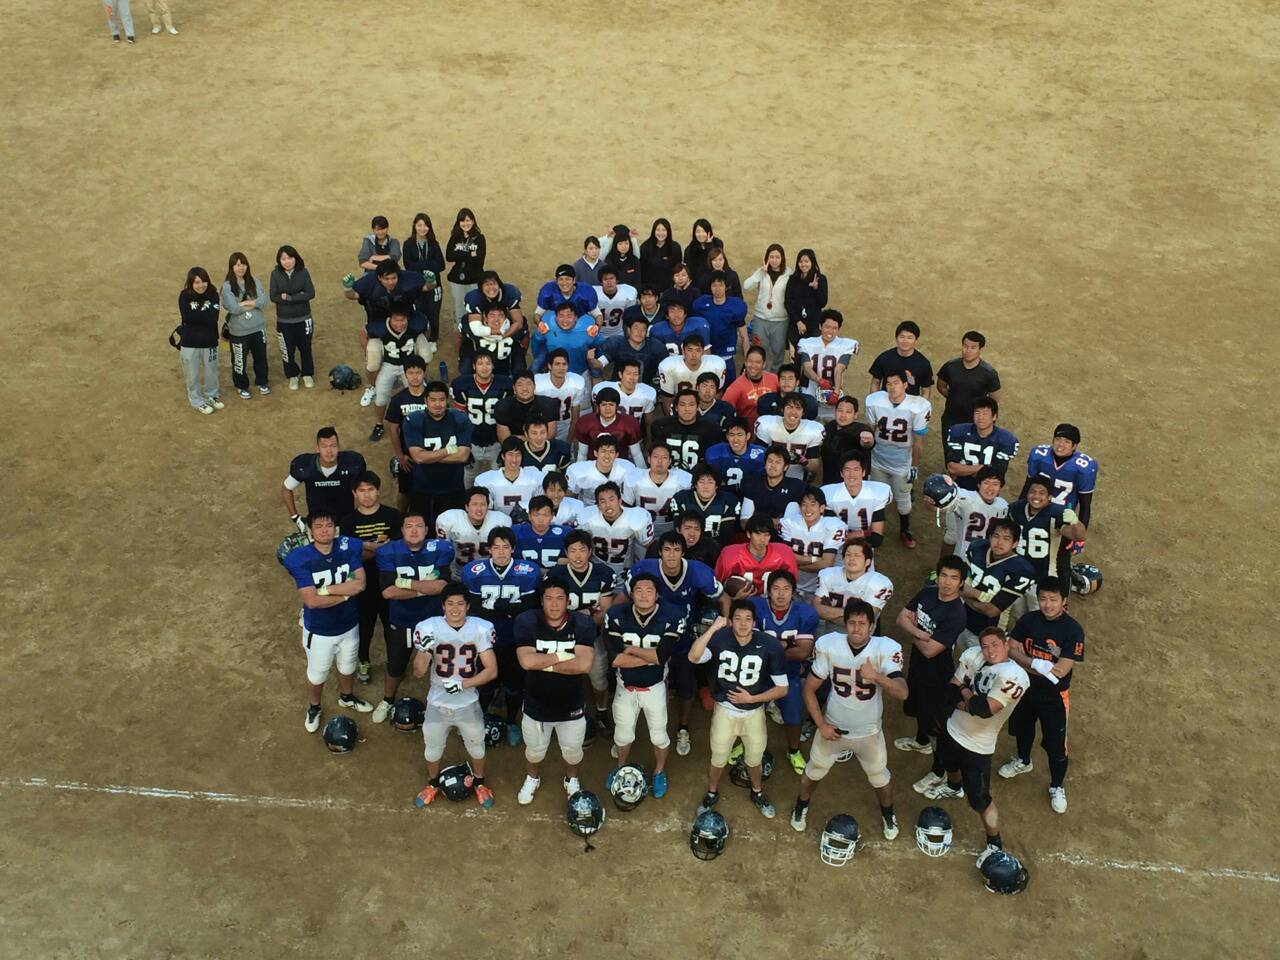 滋賀大学合同練習/春シーズン試合日程_e0137649_833678.jpg